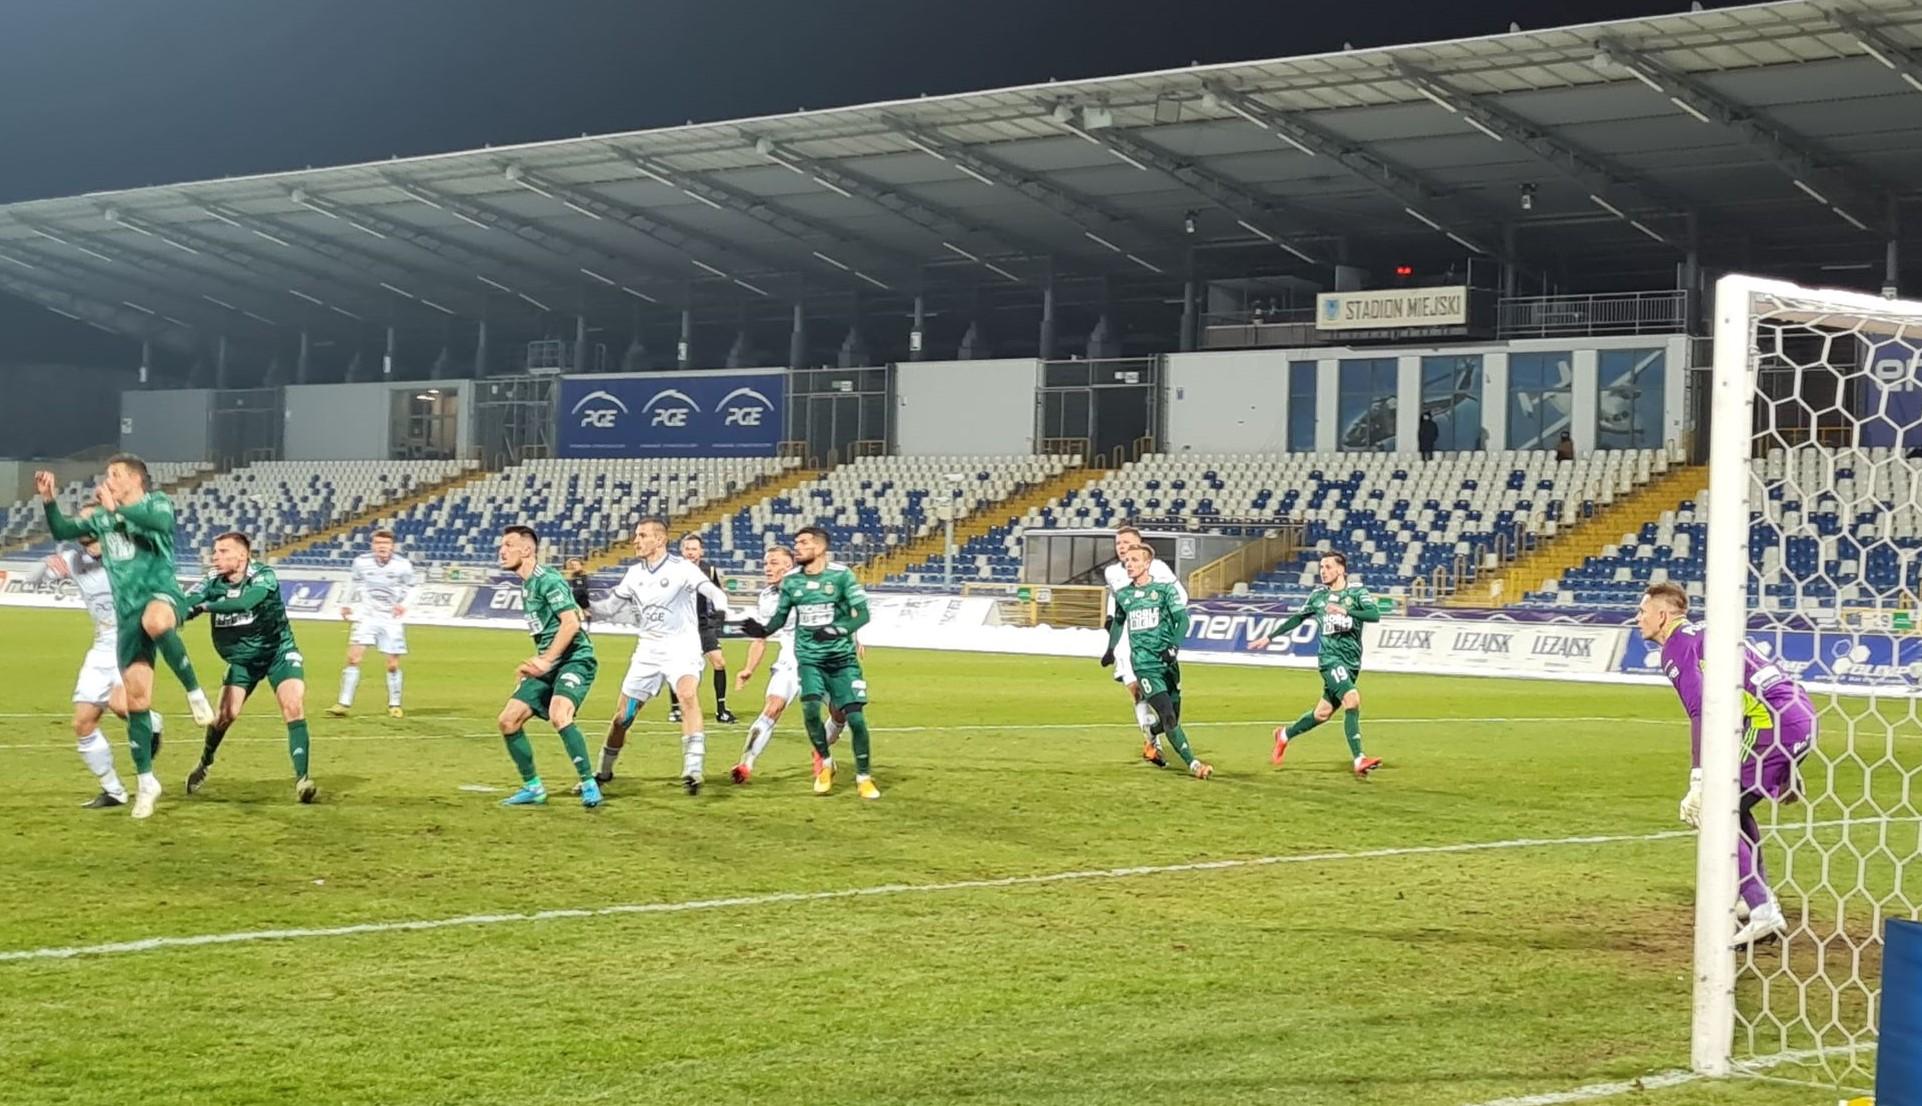 Ekstraklasowy mecz po zimowej przerwie. FKS Stal Mielec kontra Śląsk Wrocław - Zdjęcie główne